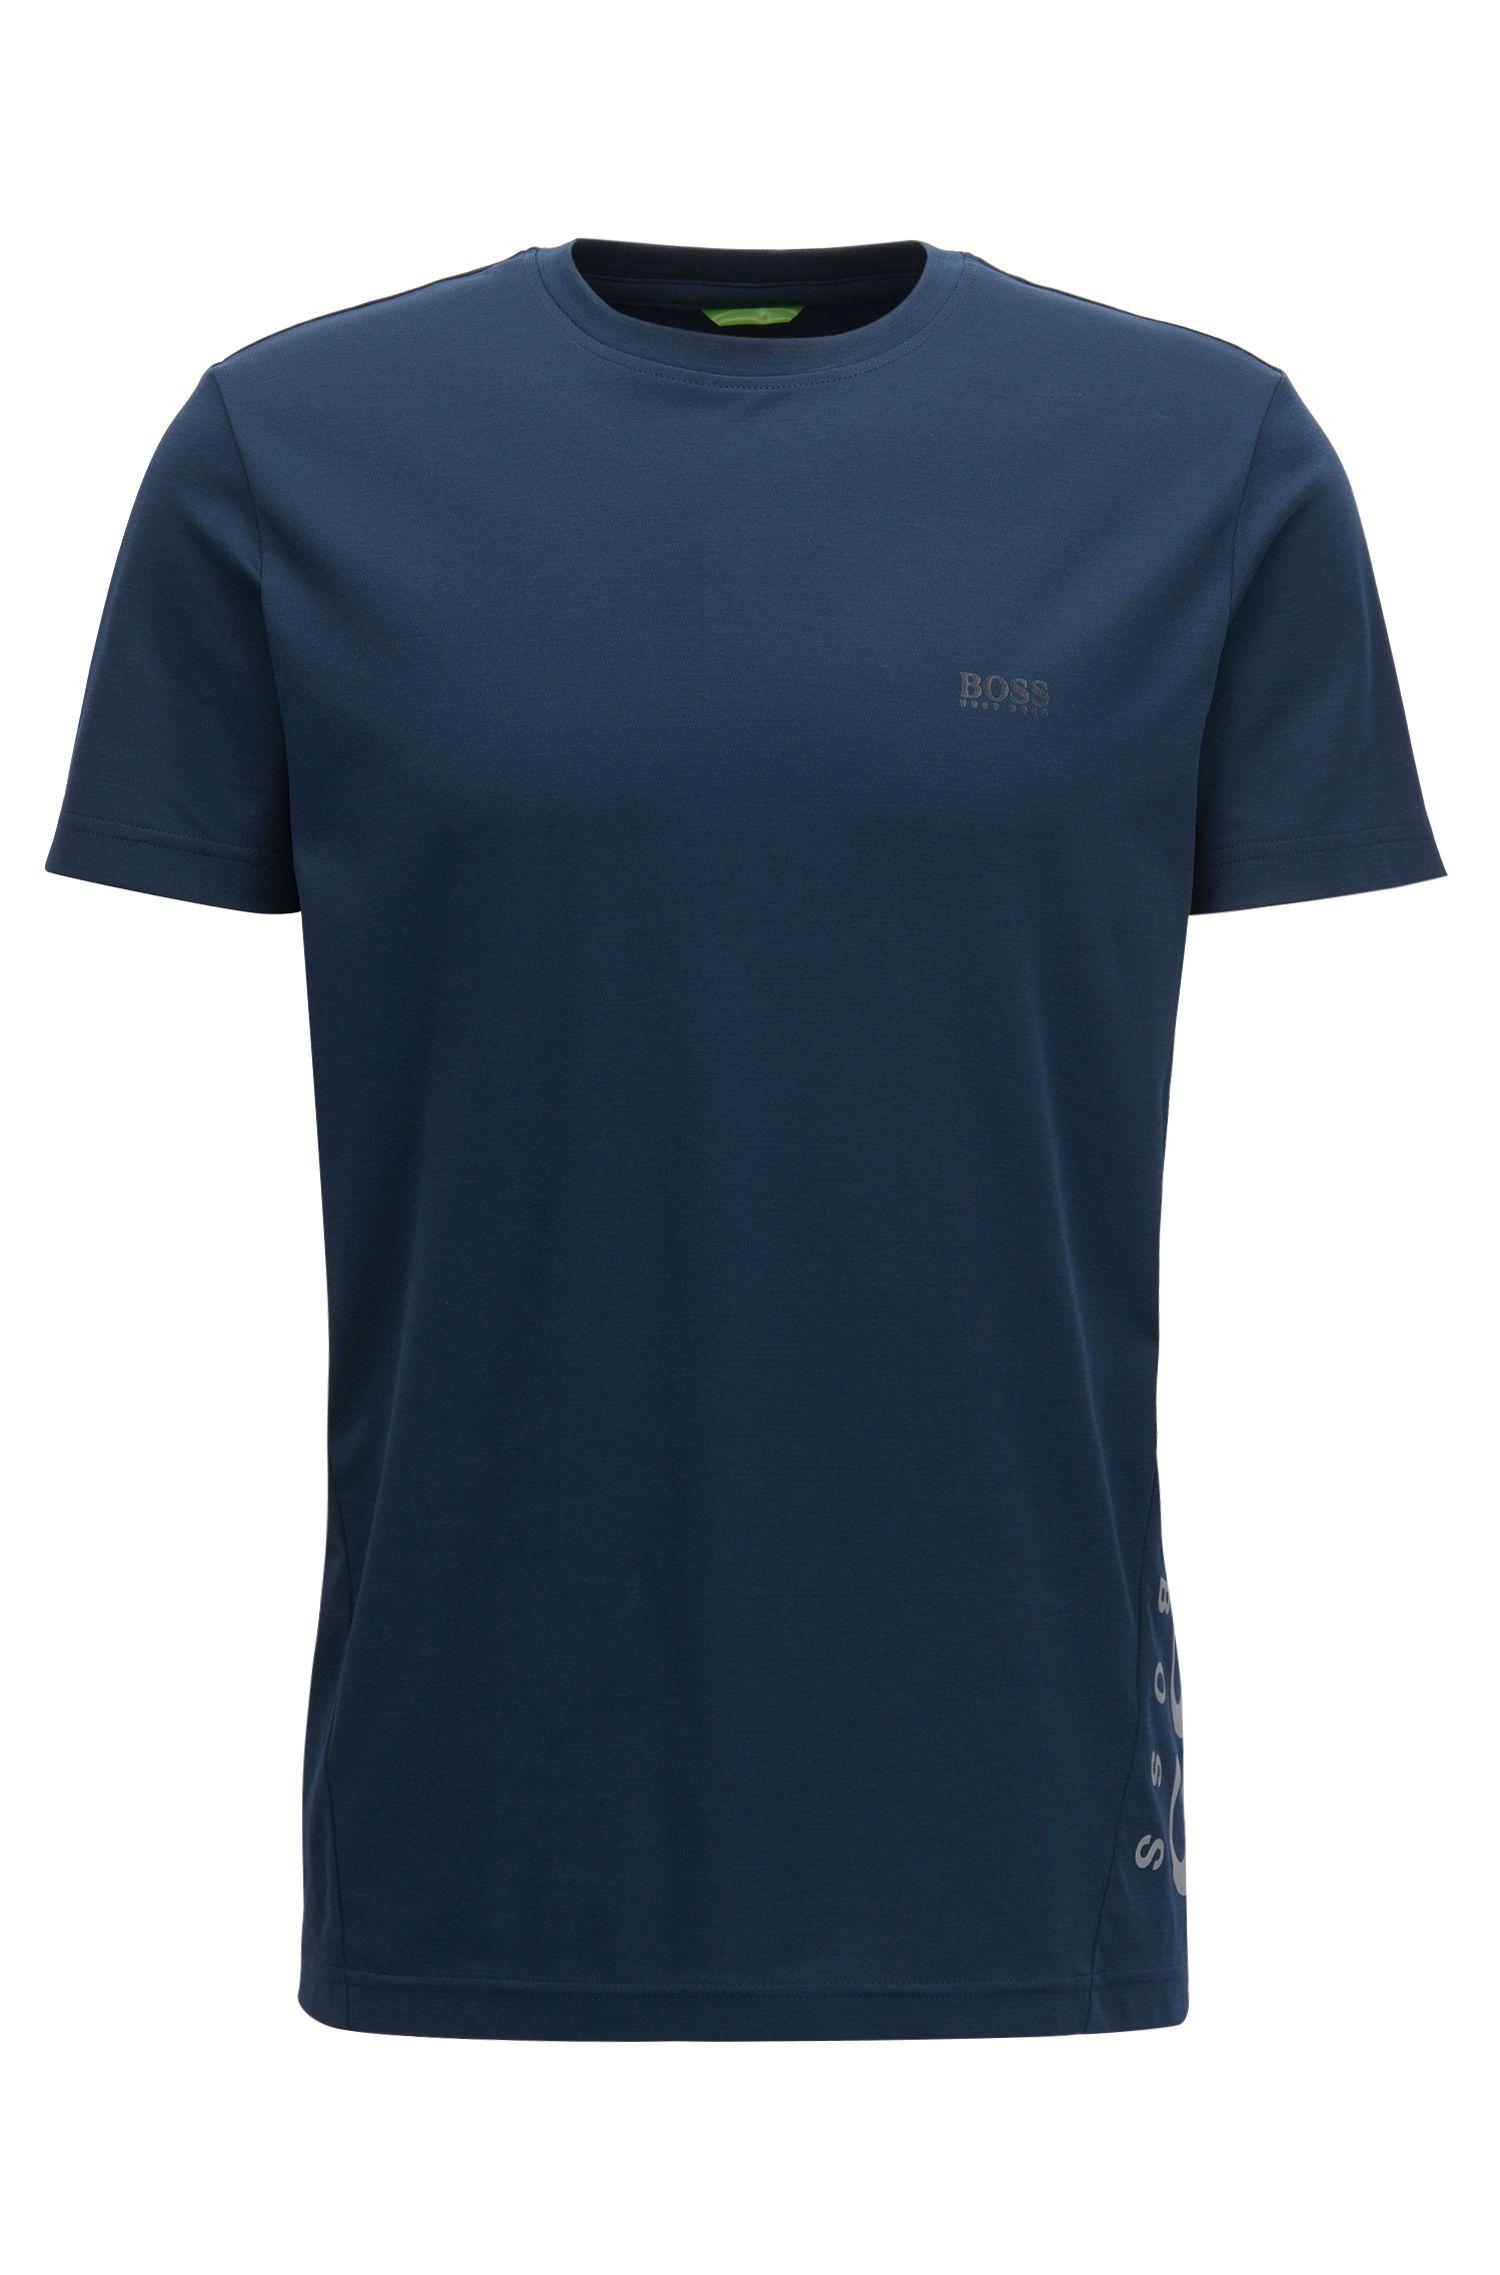 T-shirt Slim Fit en coton mélangé avec gestion de l'humidité